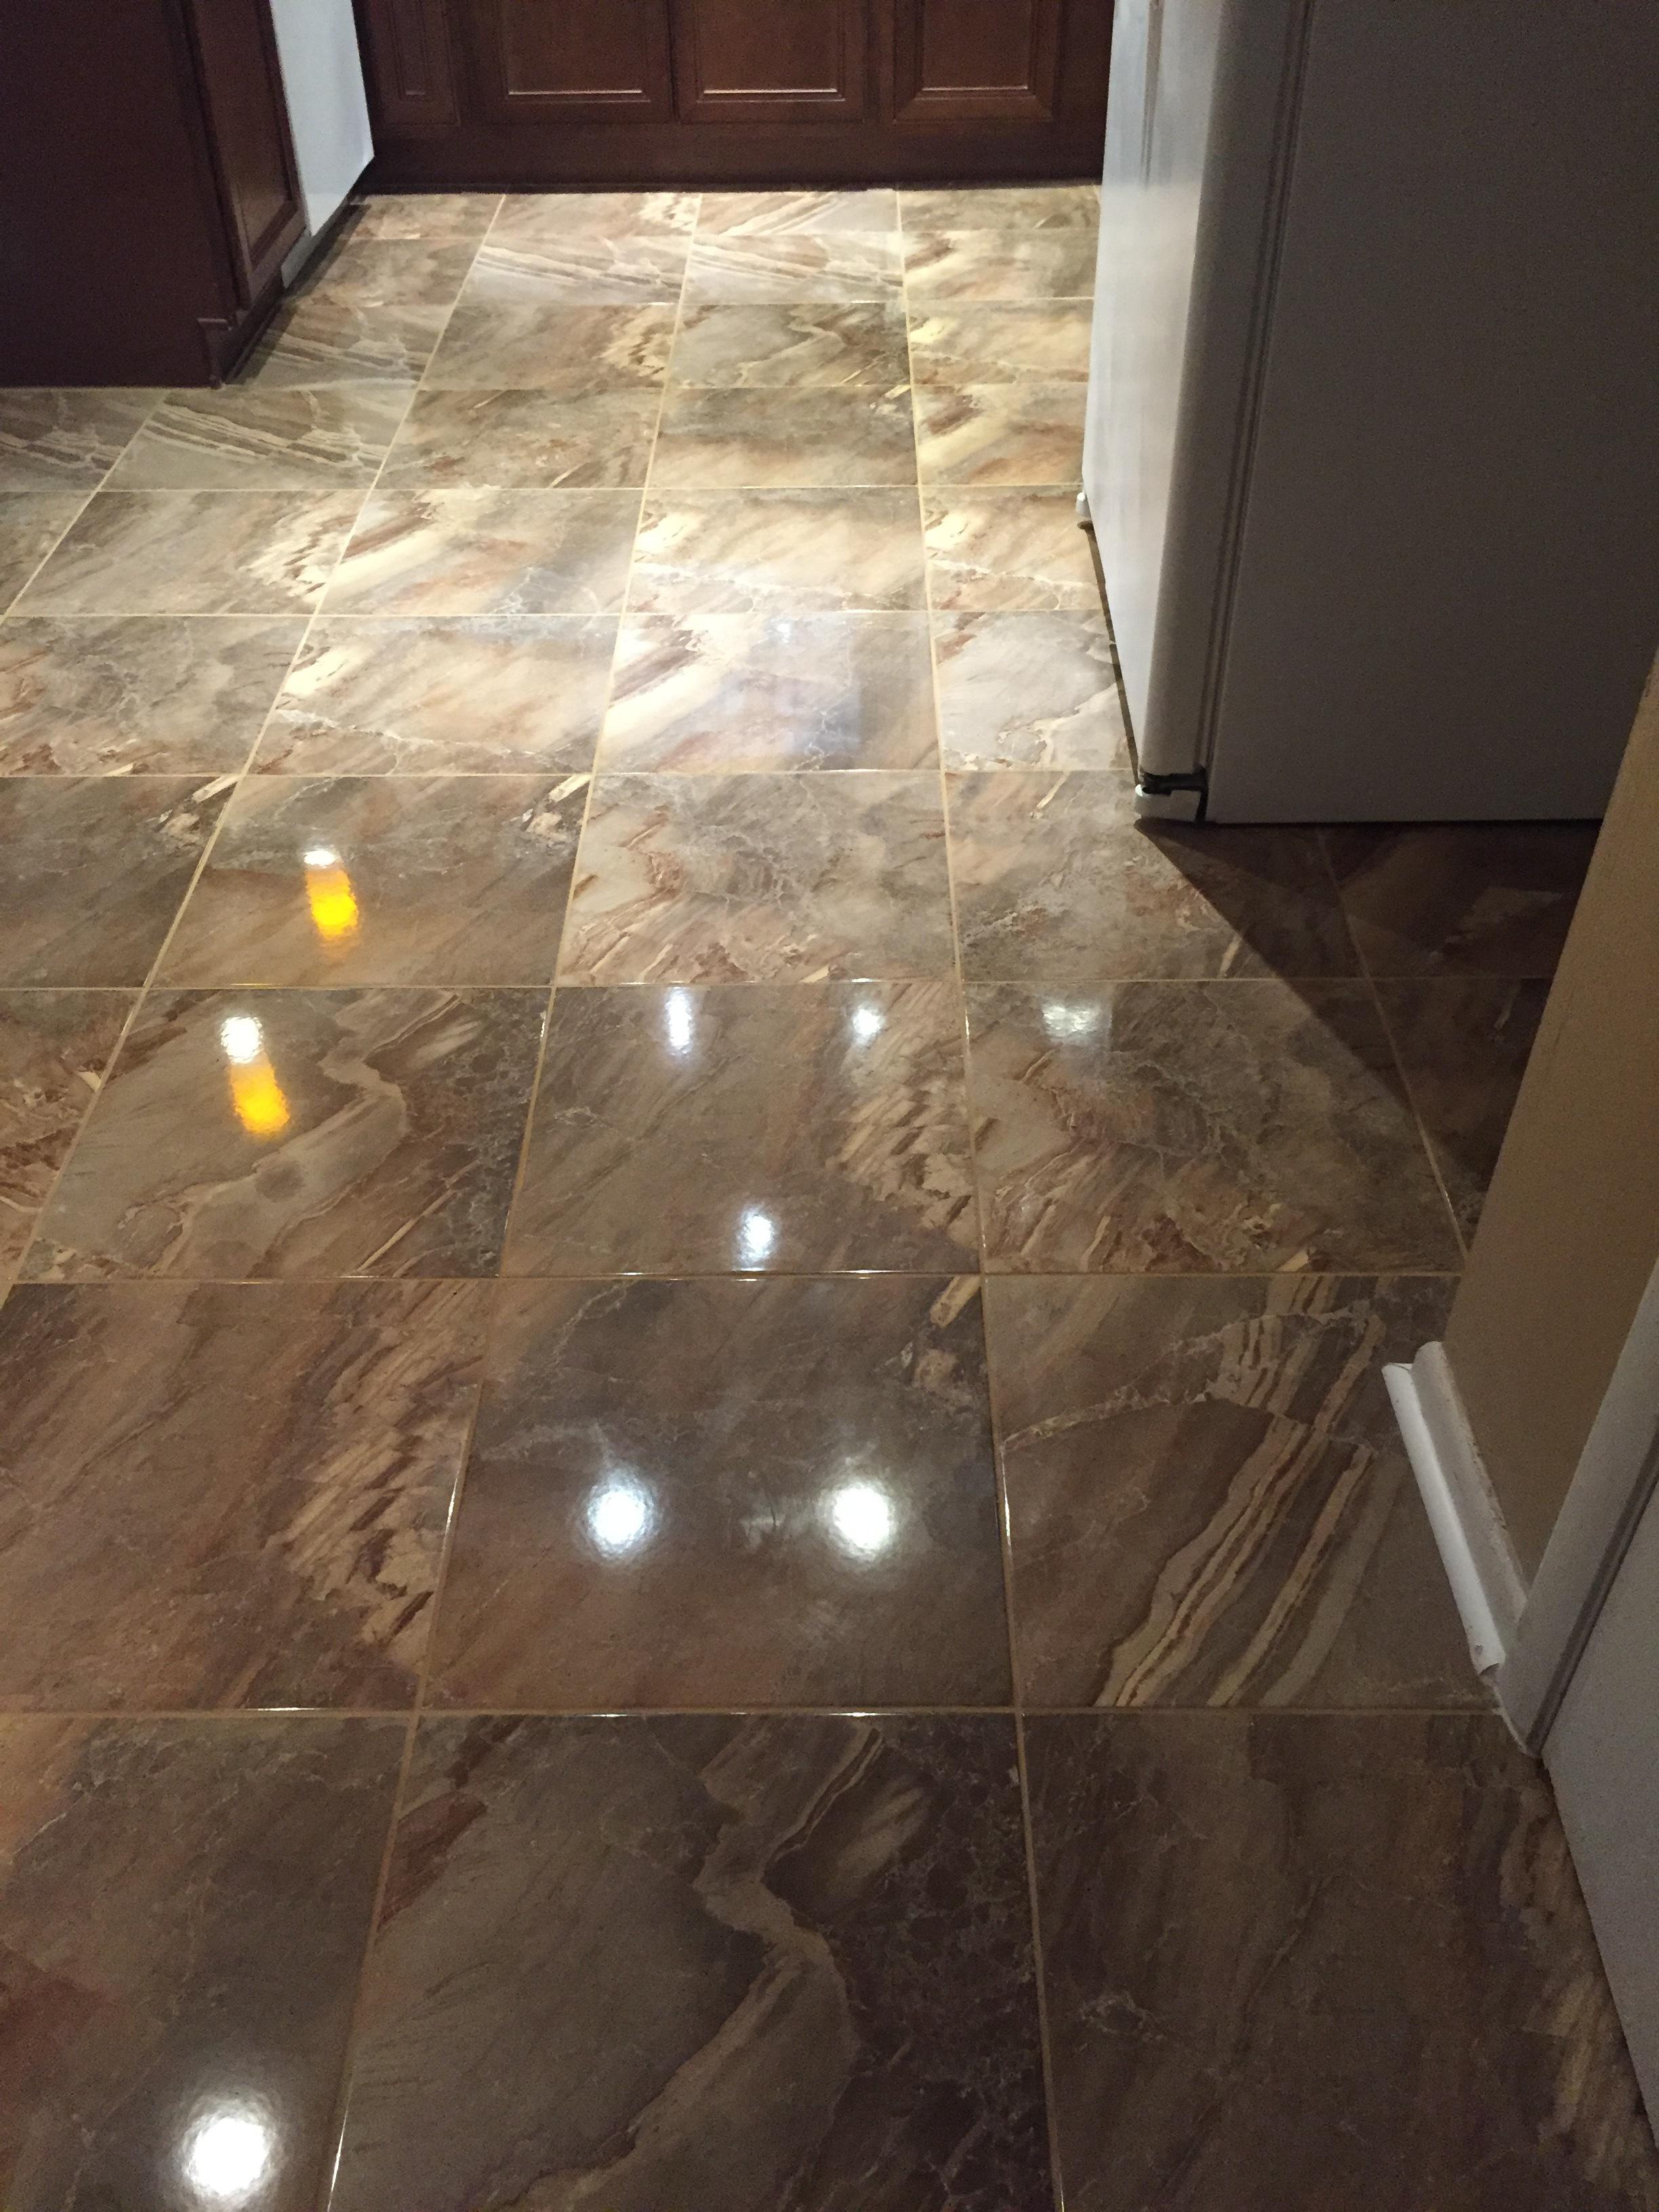 Tile Flooring — JCR Construction & Services